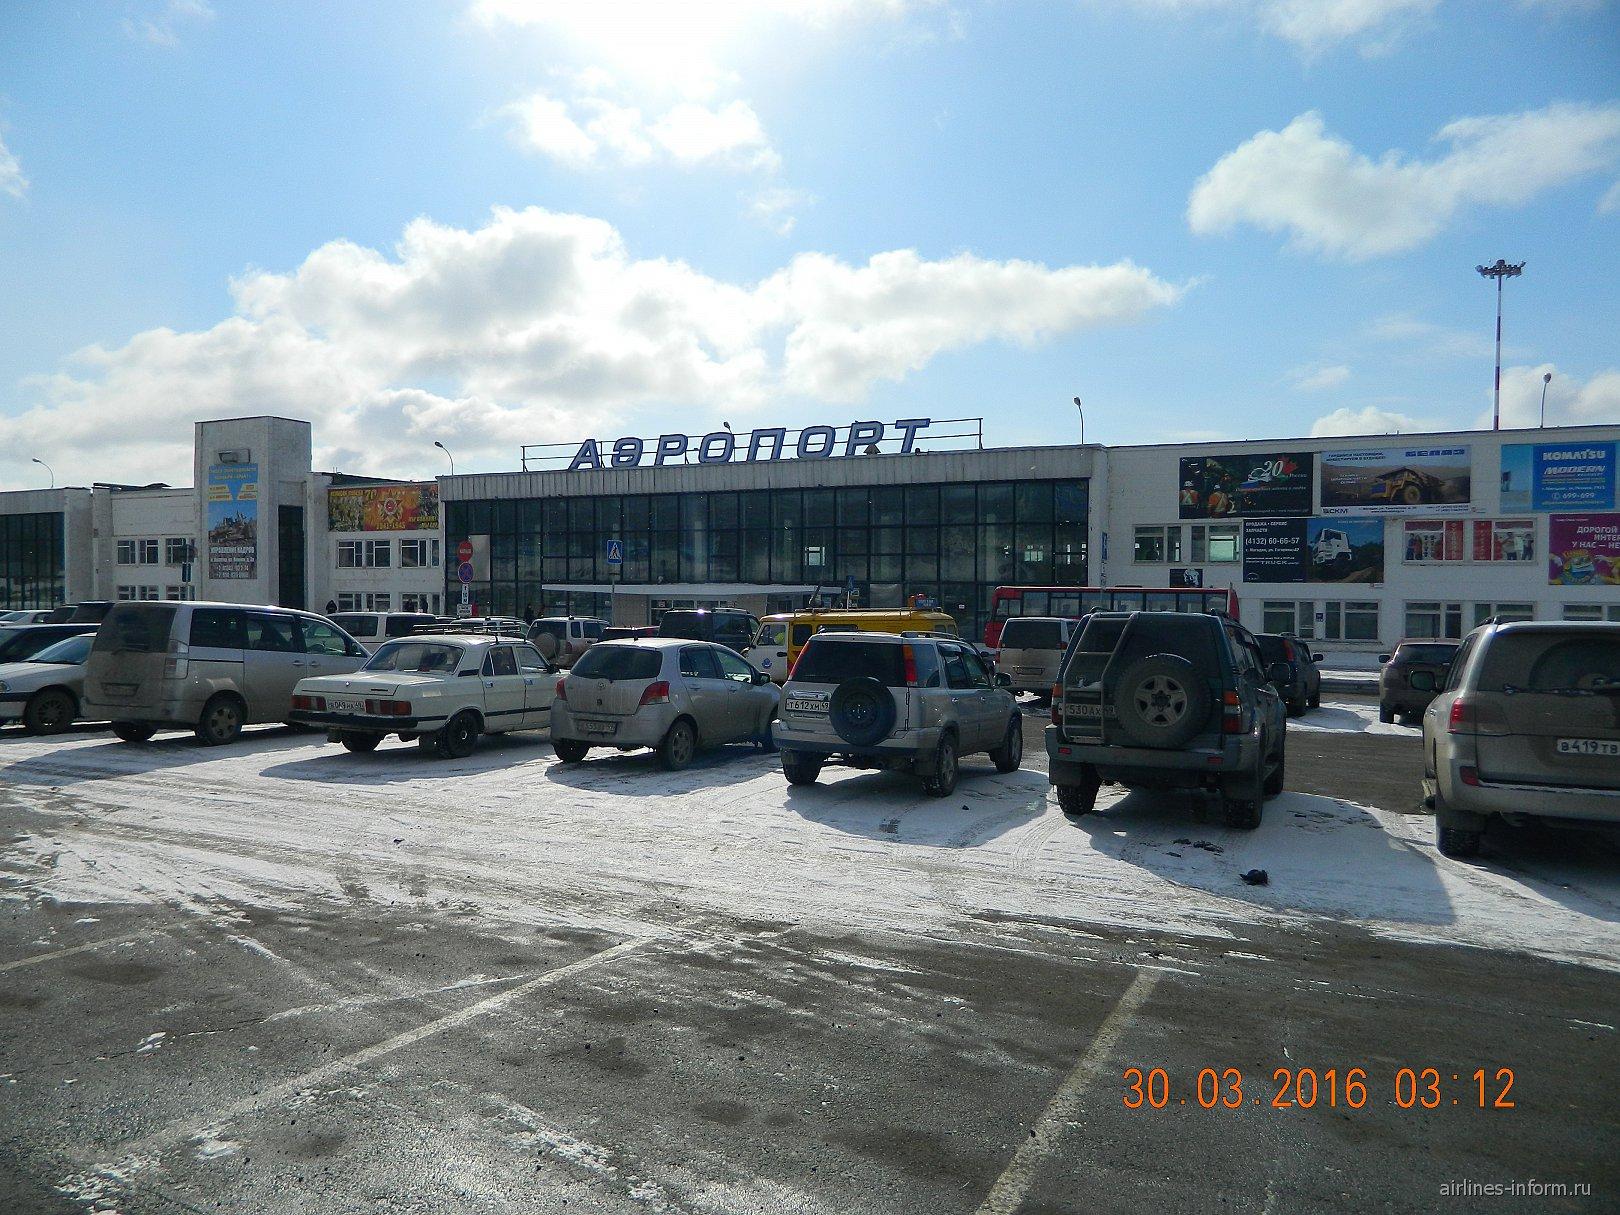 Аэровокзал аэропорта Магадан Сокол